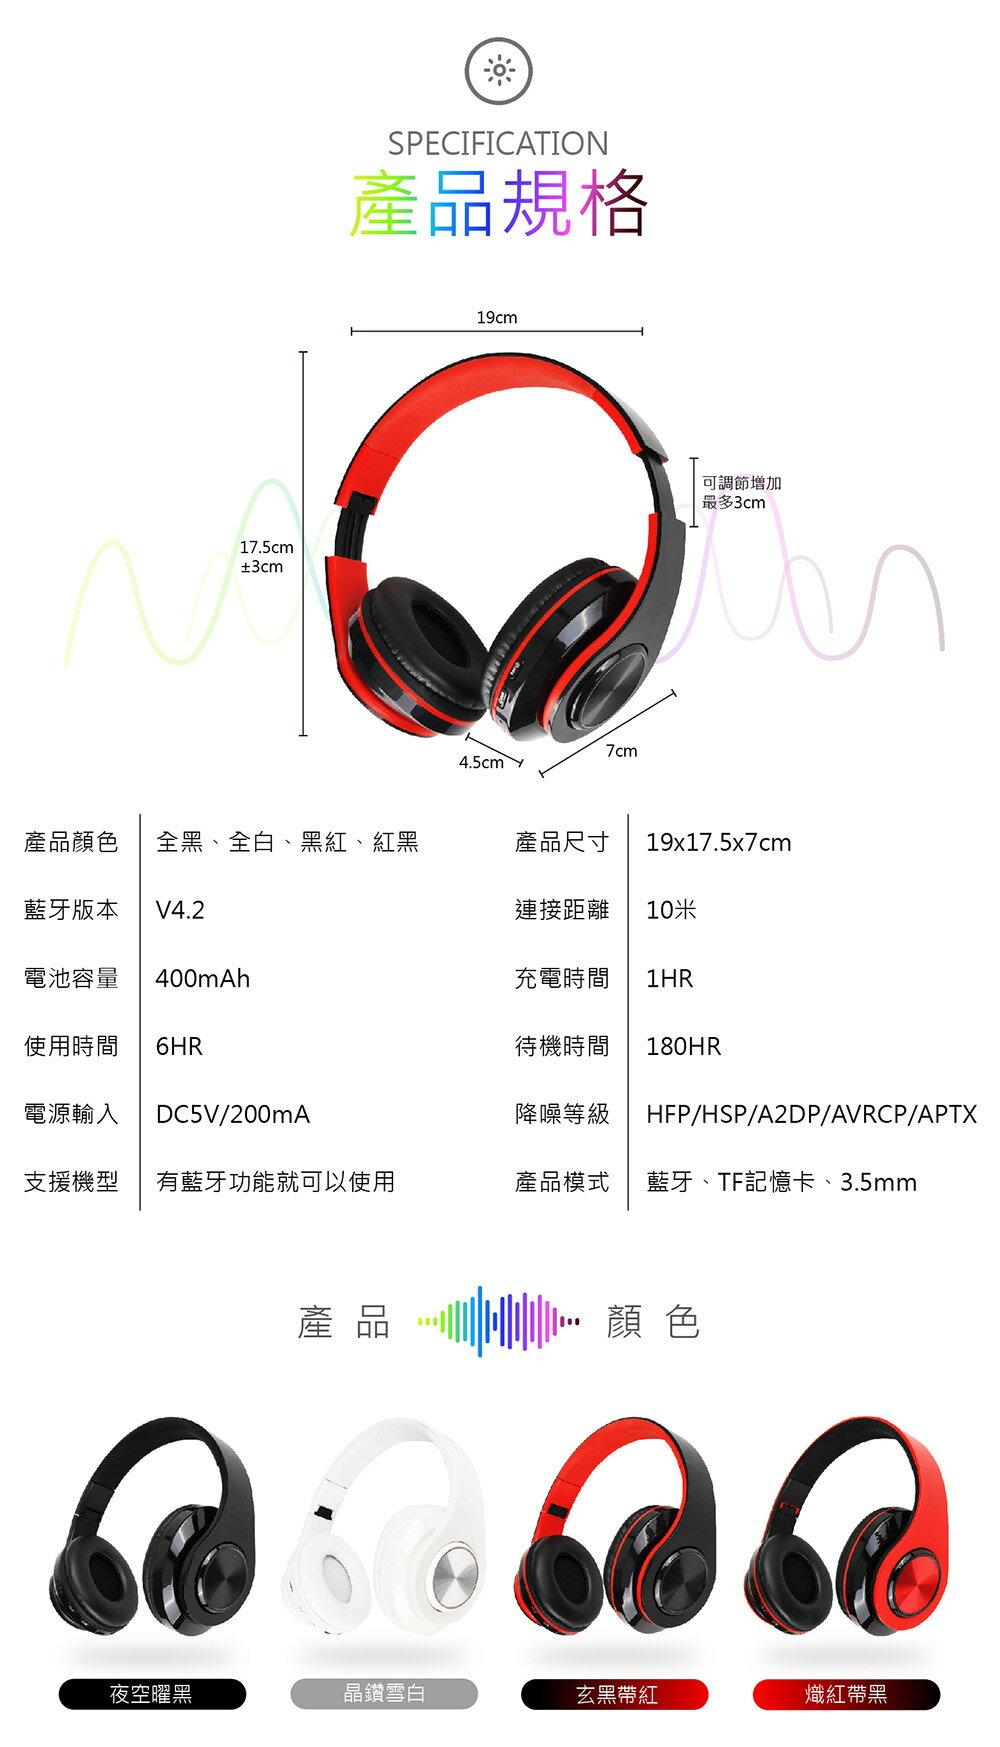 【耳罩式升級版!Wireless炫彩藍牙耳機】可插卡 耳罩式藍牙耳機 可折疊 無線藍芽耳機 藍芽耳機 藍牙 藍芽【DC065】 8